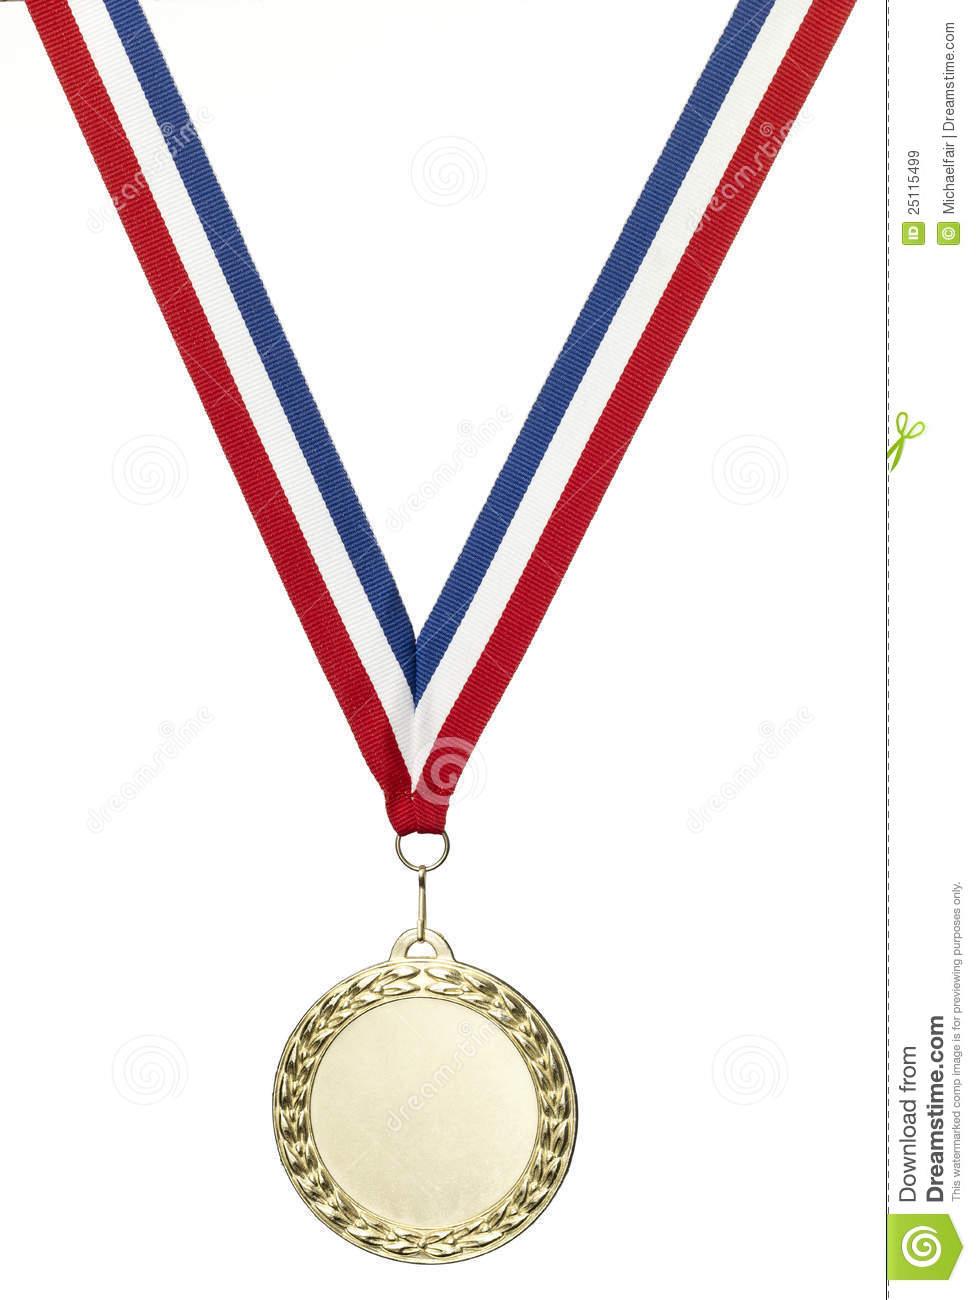 Blanc De Médaille De Jeux Olympiques D'or Avec Le Chemin De destiné Jeux De Découpage